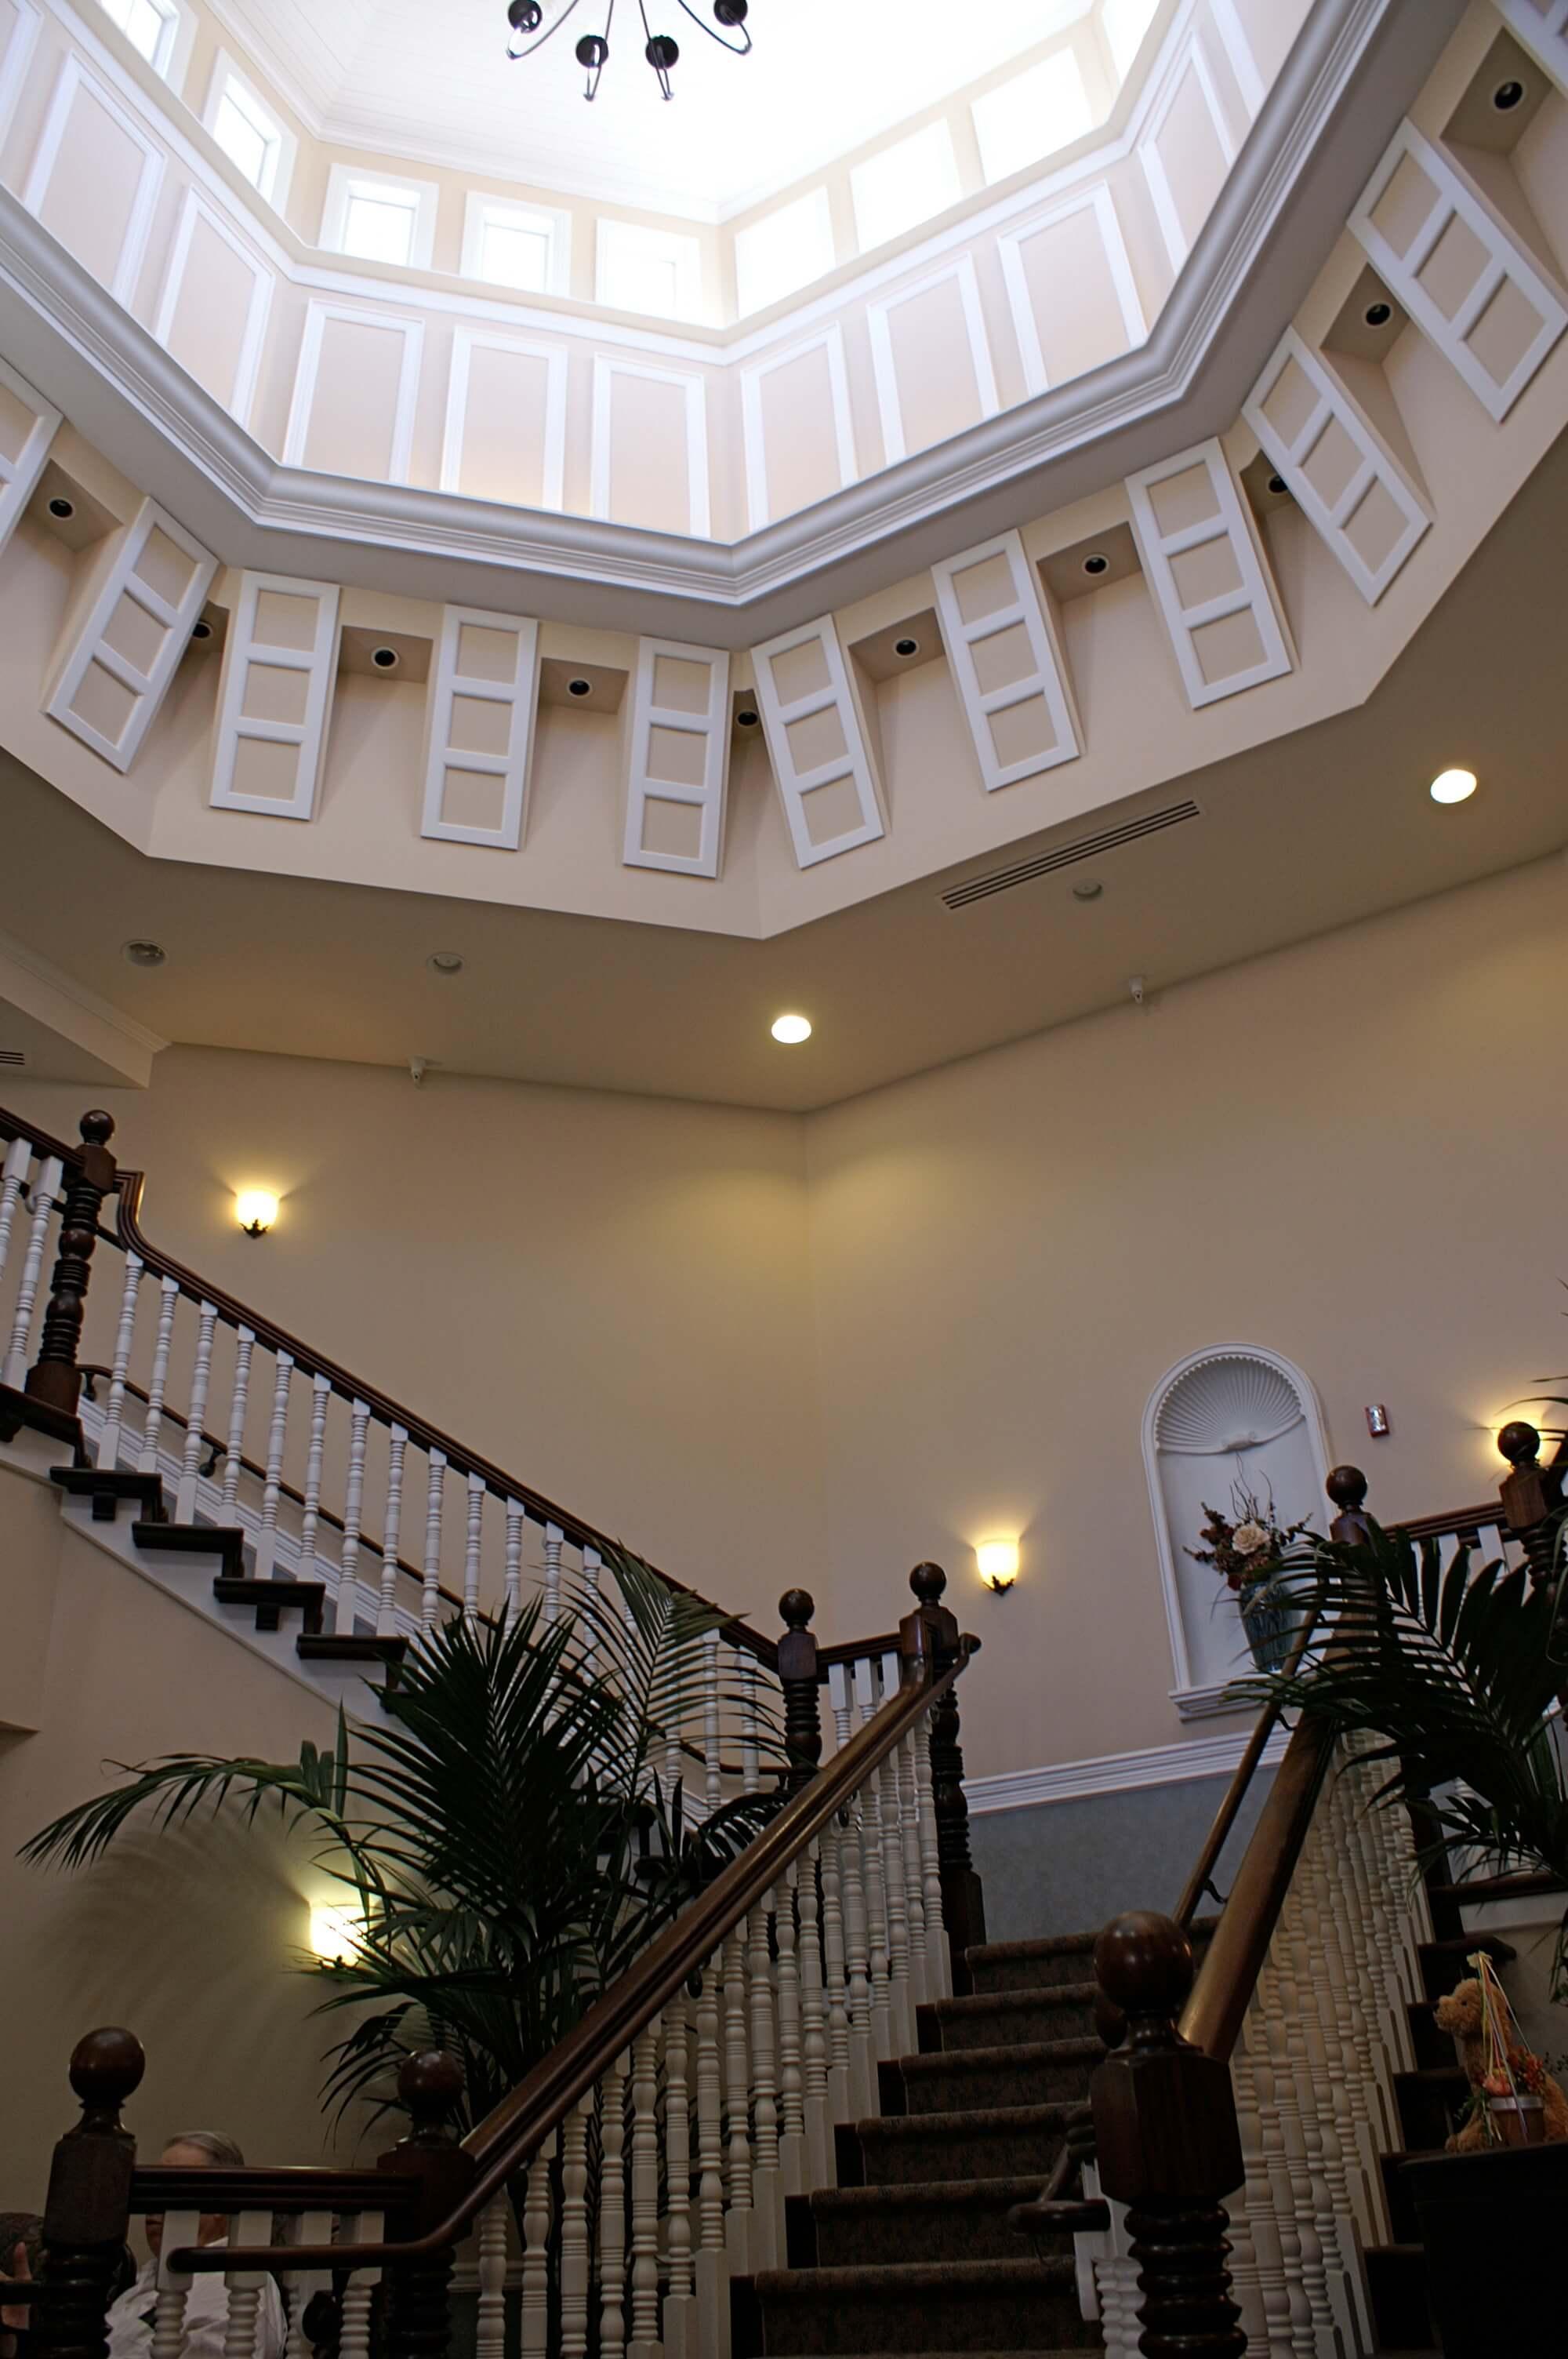 9.Interiors